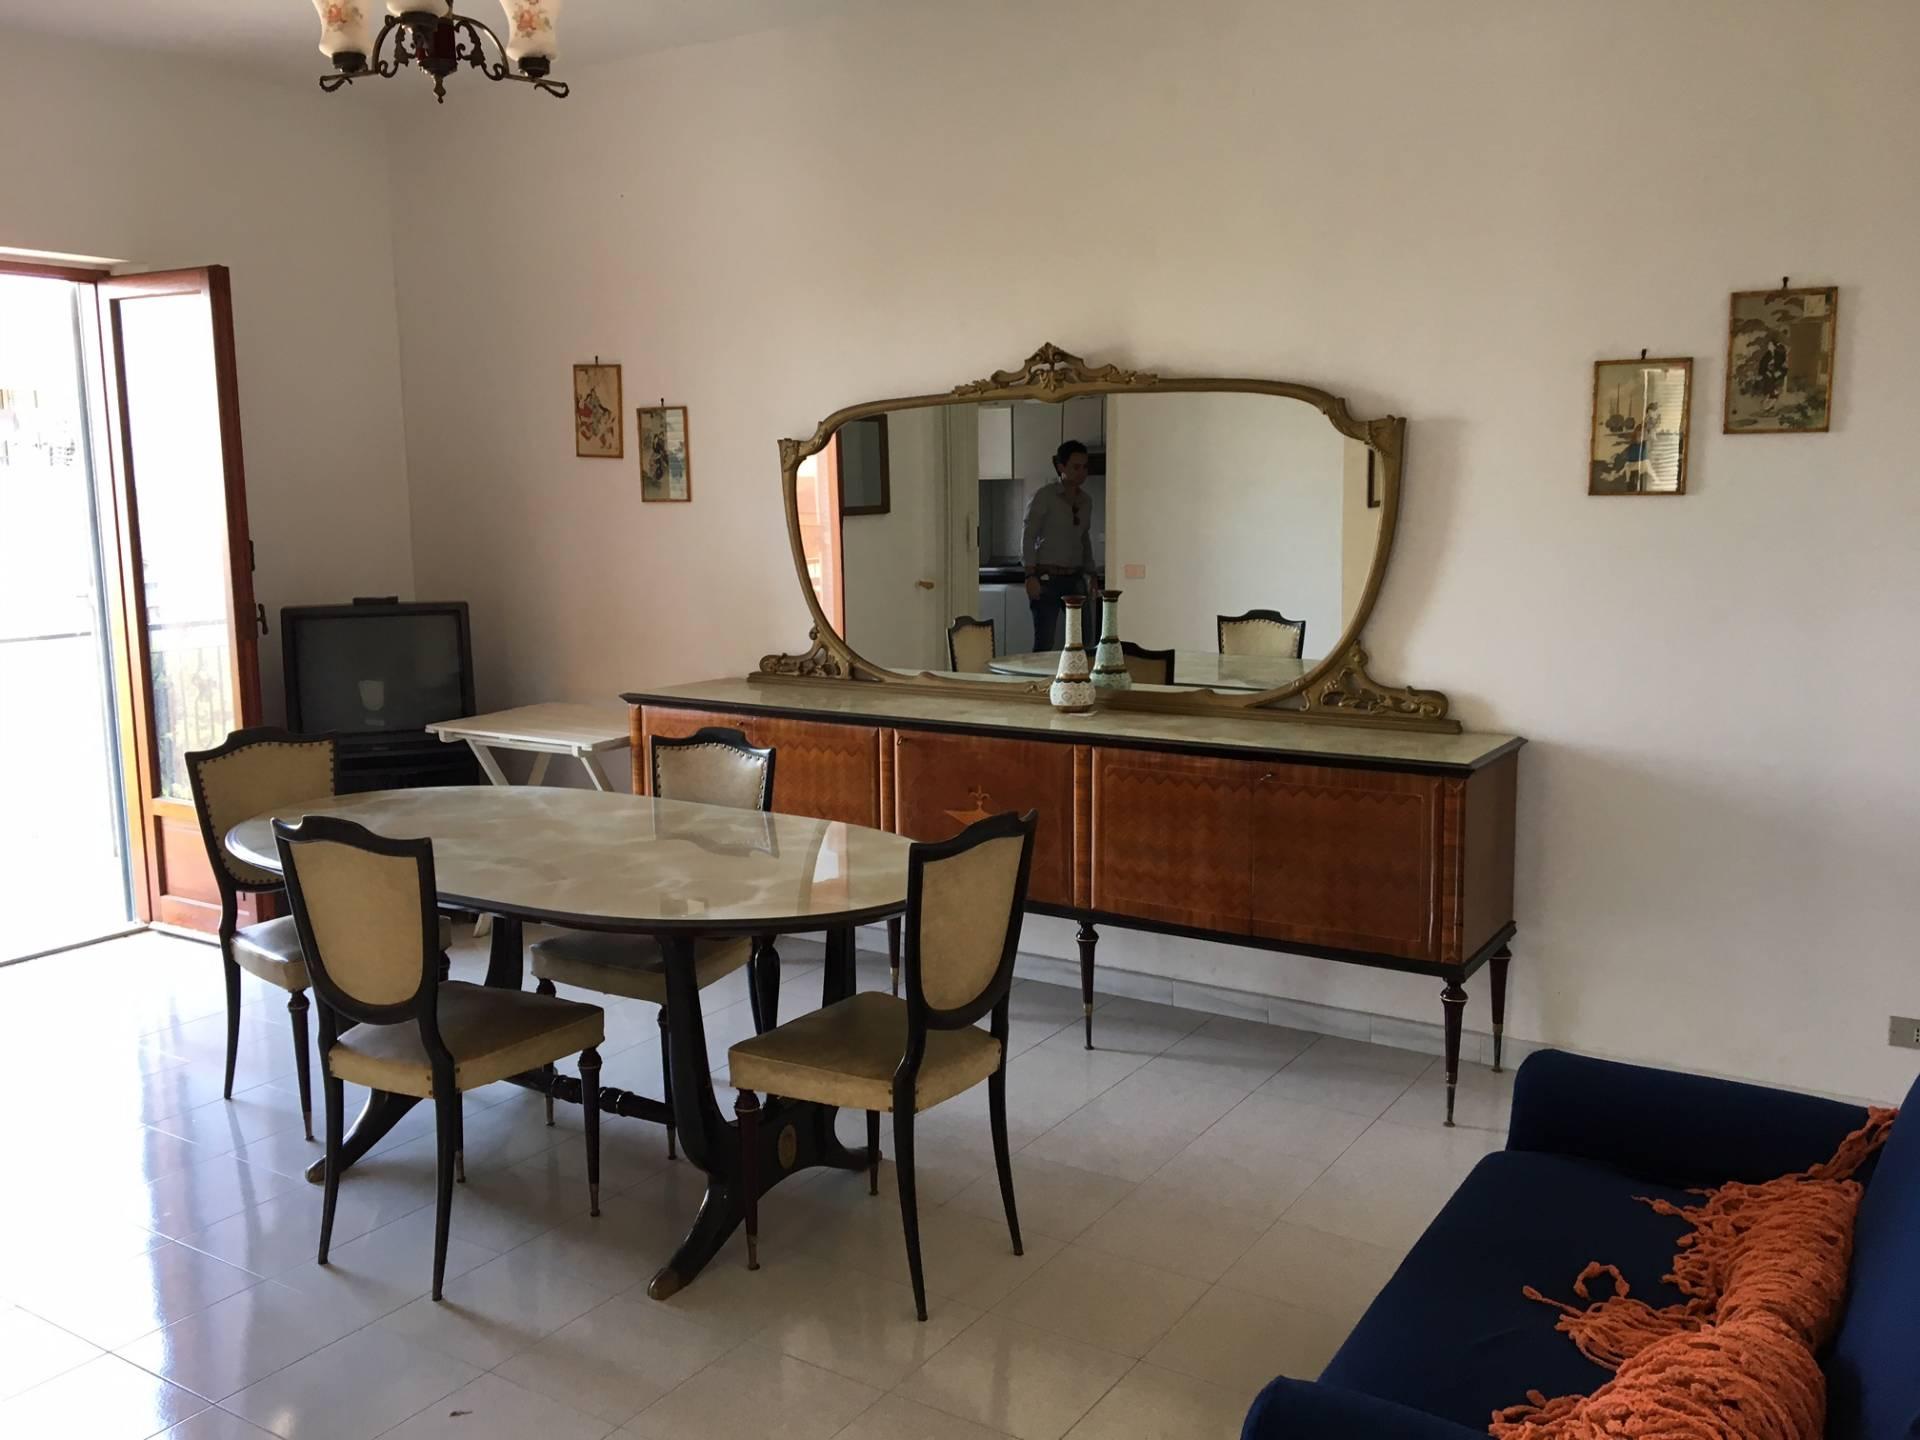 Appartamento in vendita a Badolato, 3 locali, zona Località: BadolatoMarina, prezzo € 66.000 | CambioCasa.it